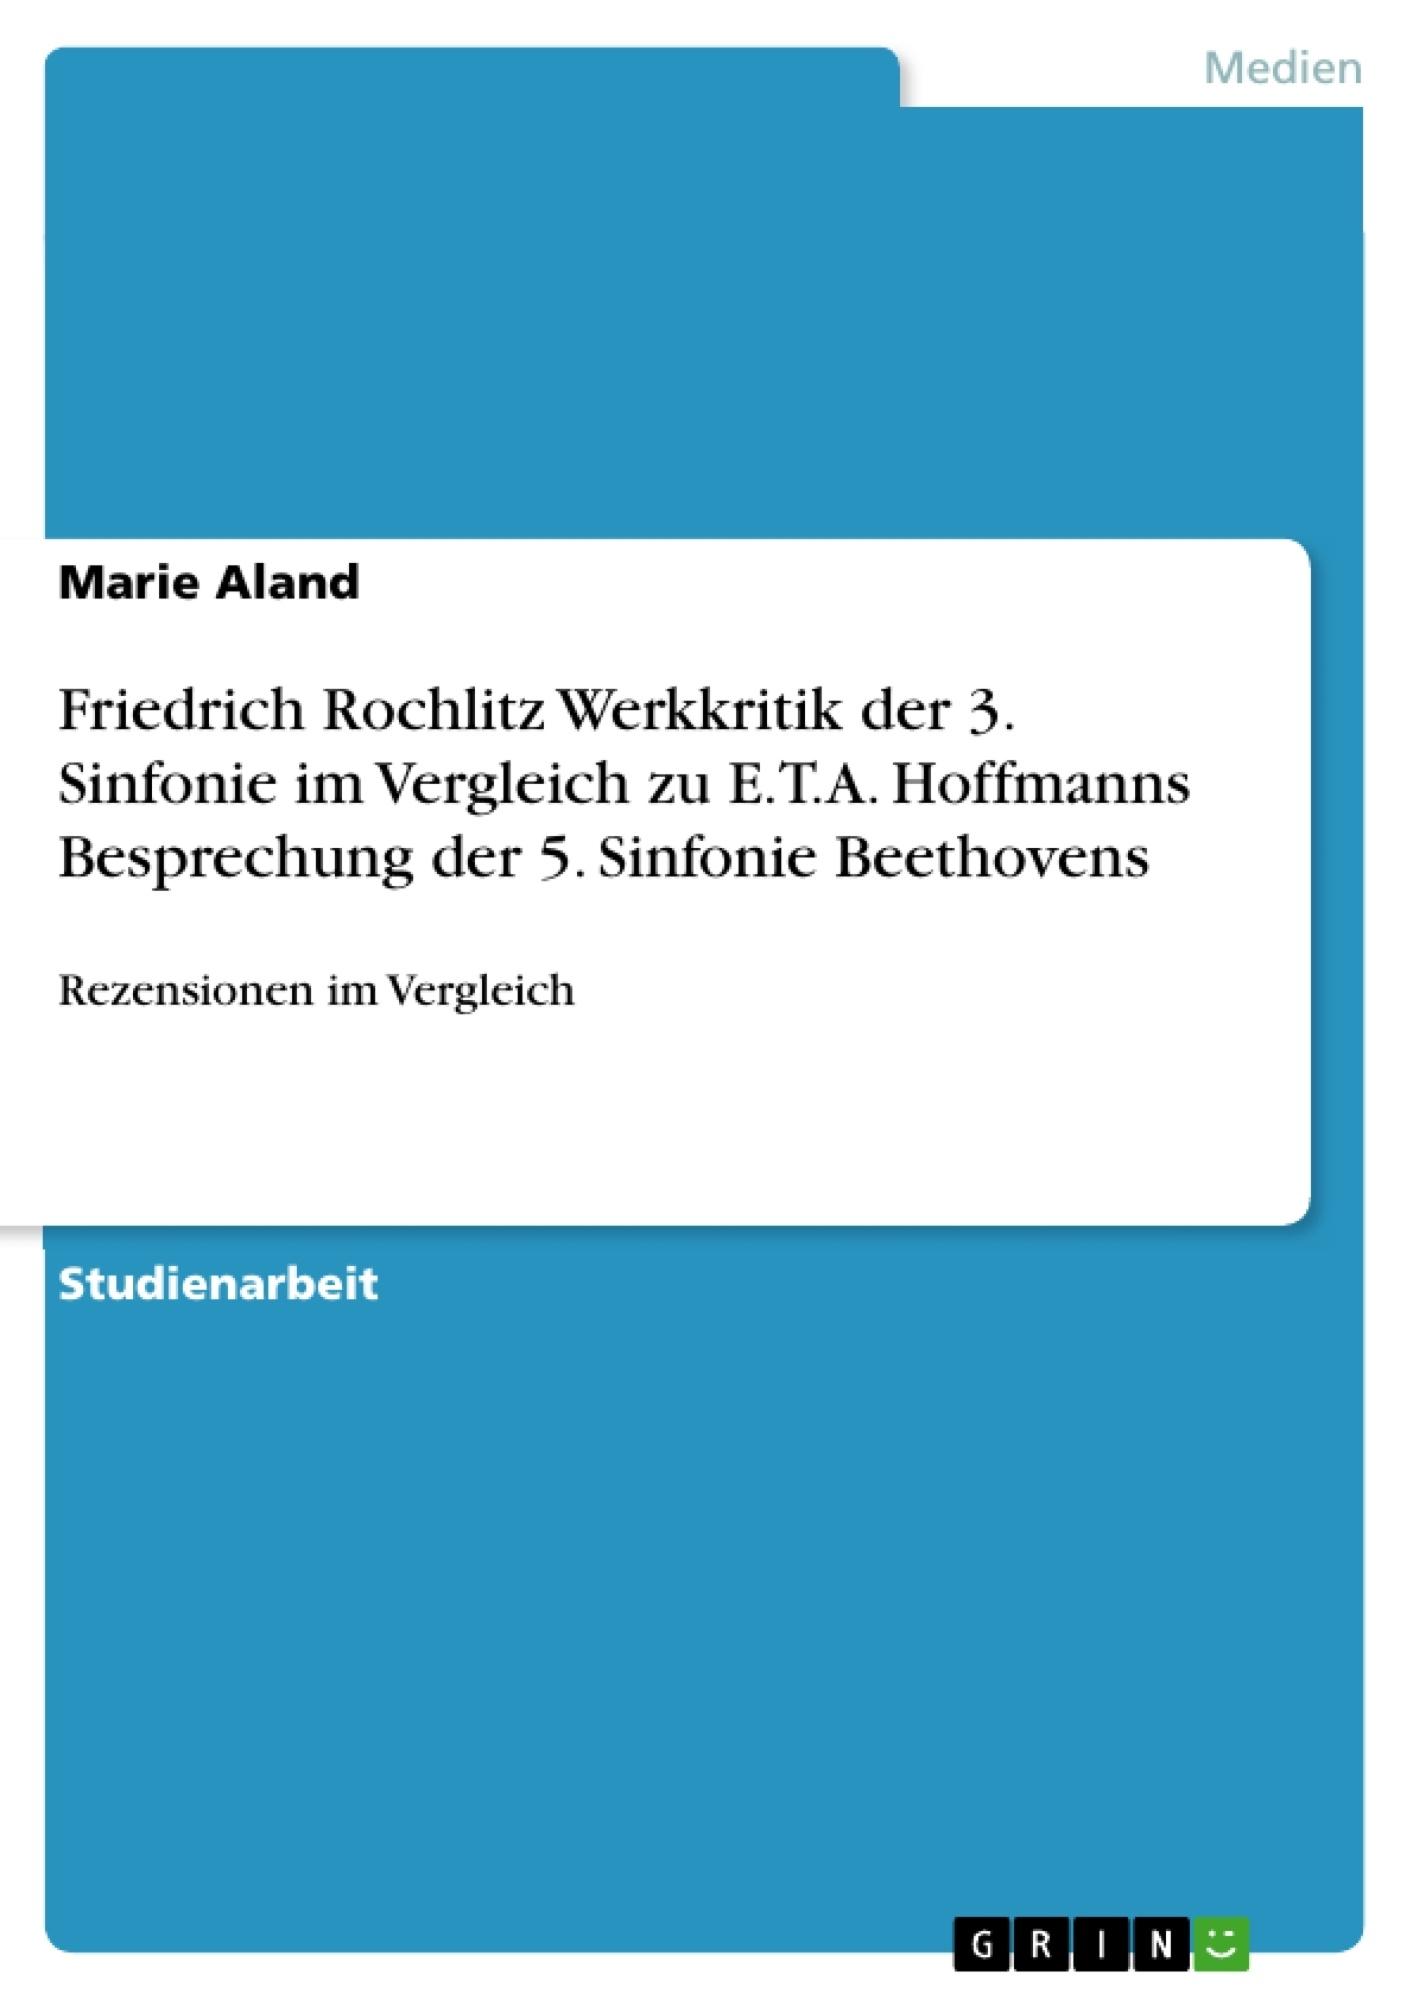 Titel: Friedrich Rochlitz Werkkritik der 3. Sinfonie im Vergleich zu E.T.A. Hoffmanns Besprechung der 5. Sinfonie Beethovens